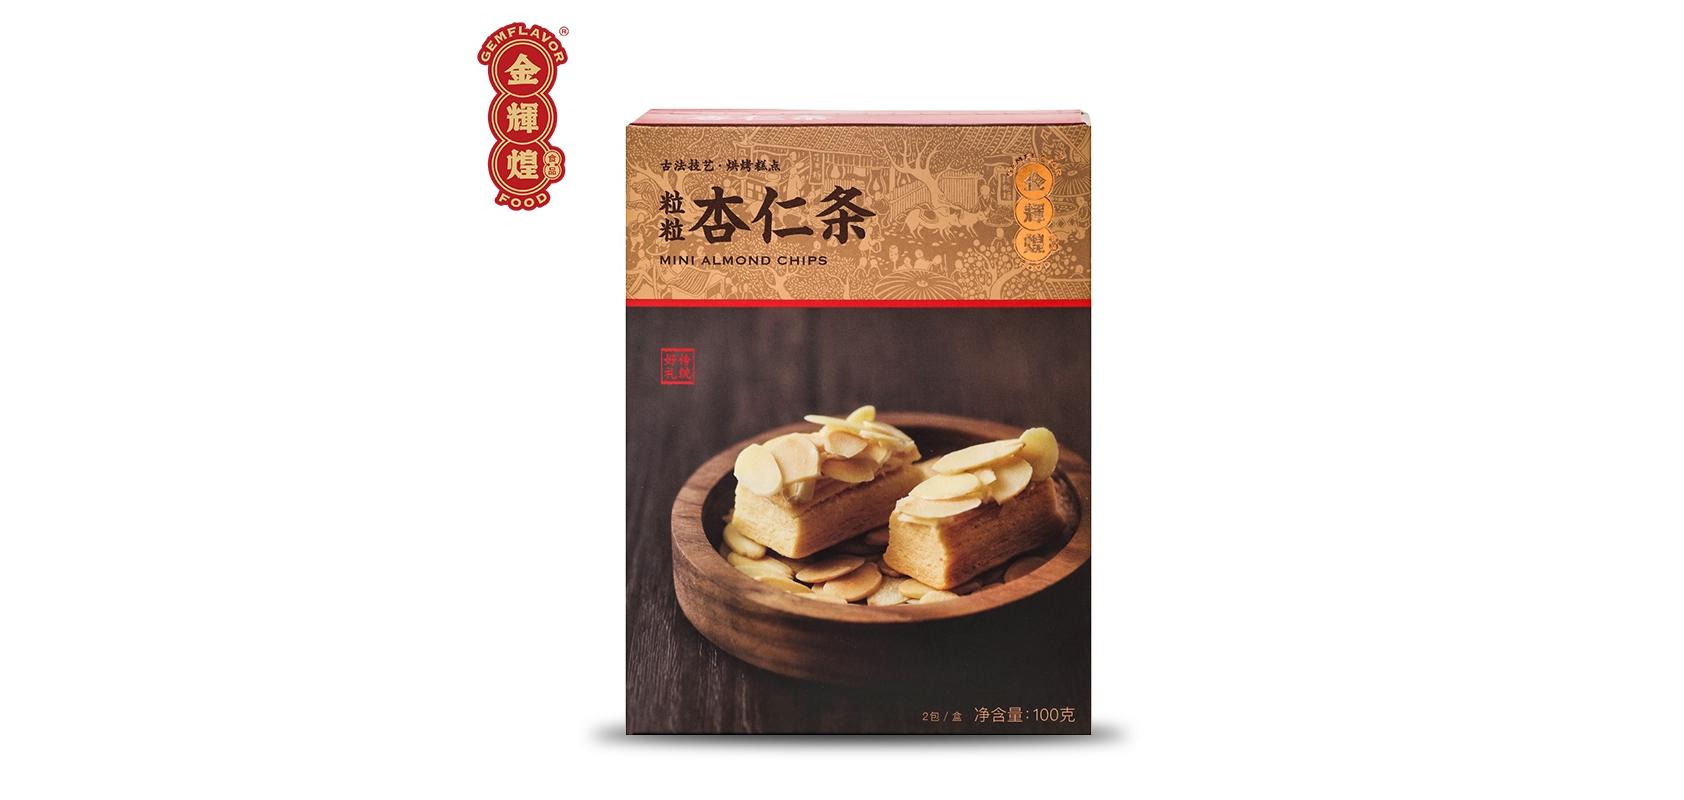 金辉煌食品五仁月饼